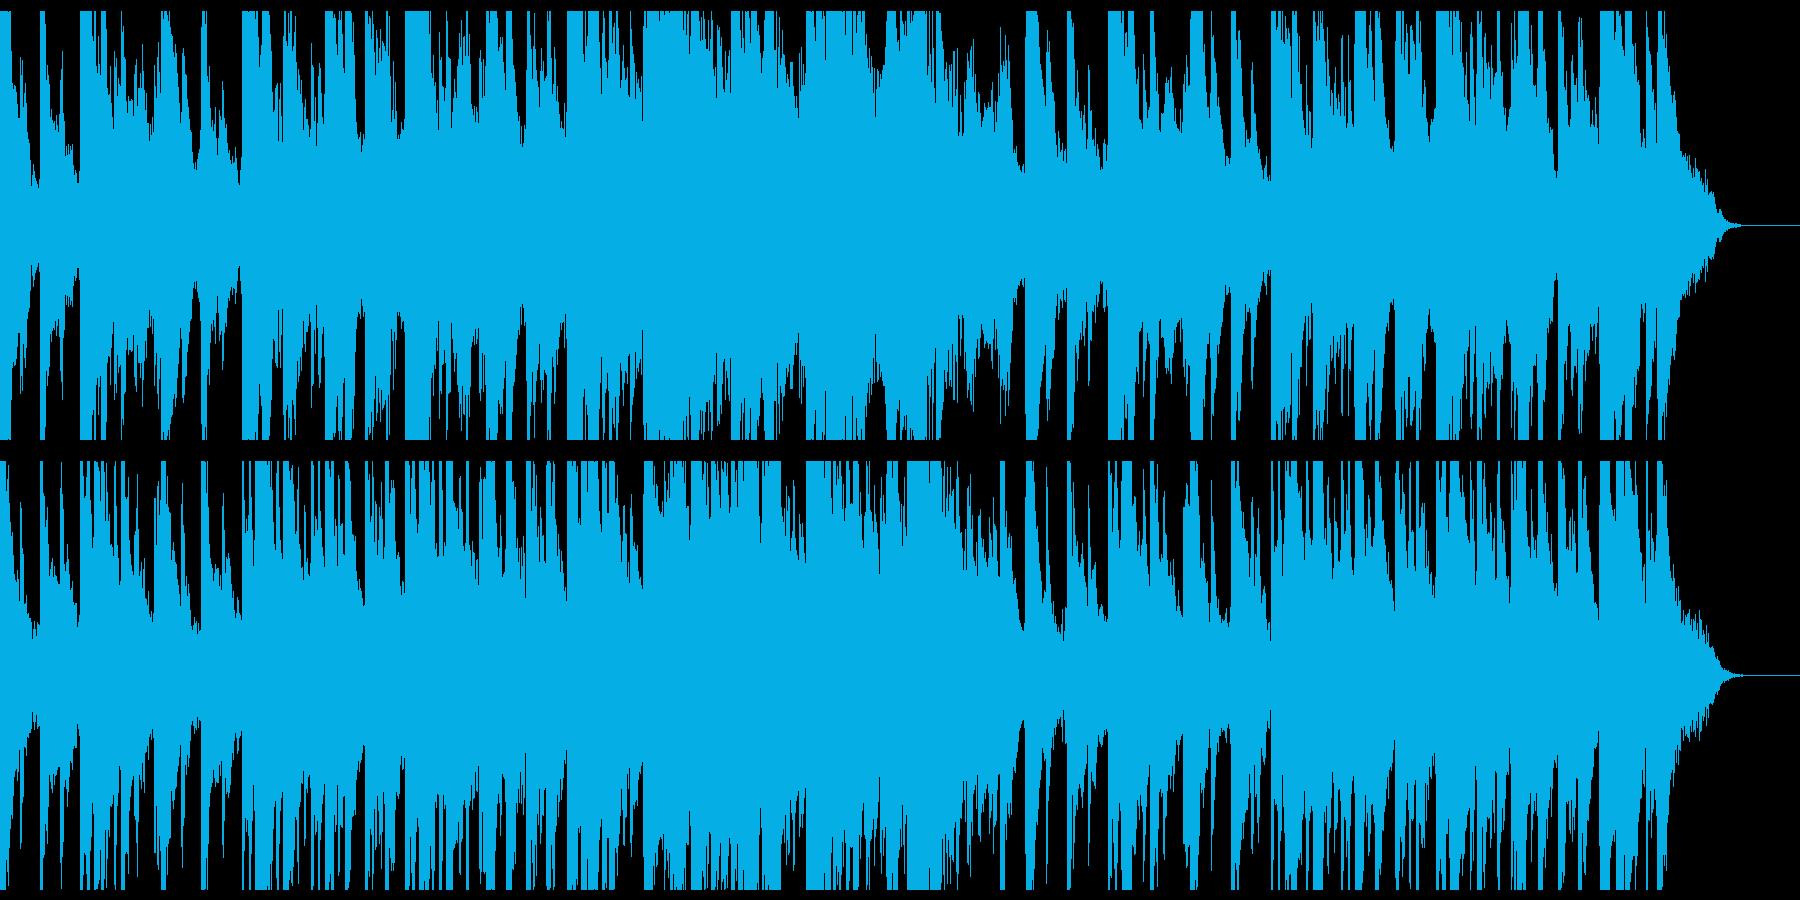 静かな癒しのピアノとシンセサイザーの再生済みの波形